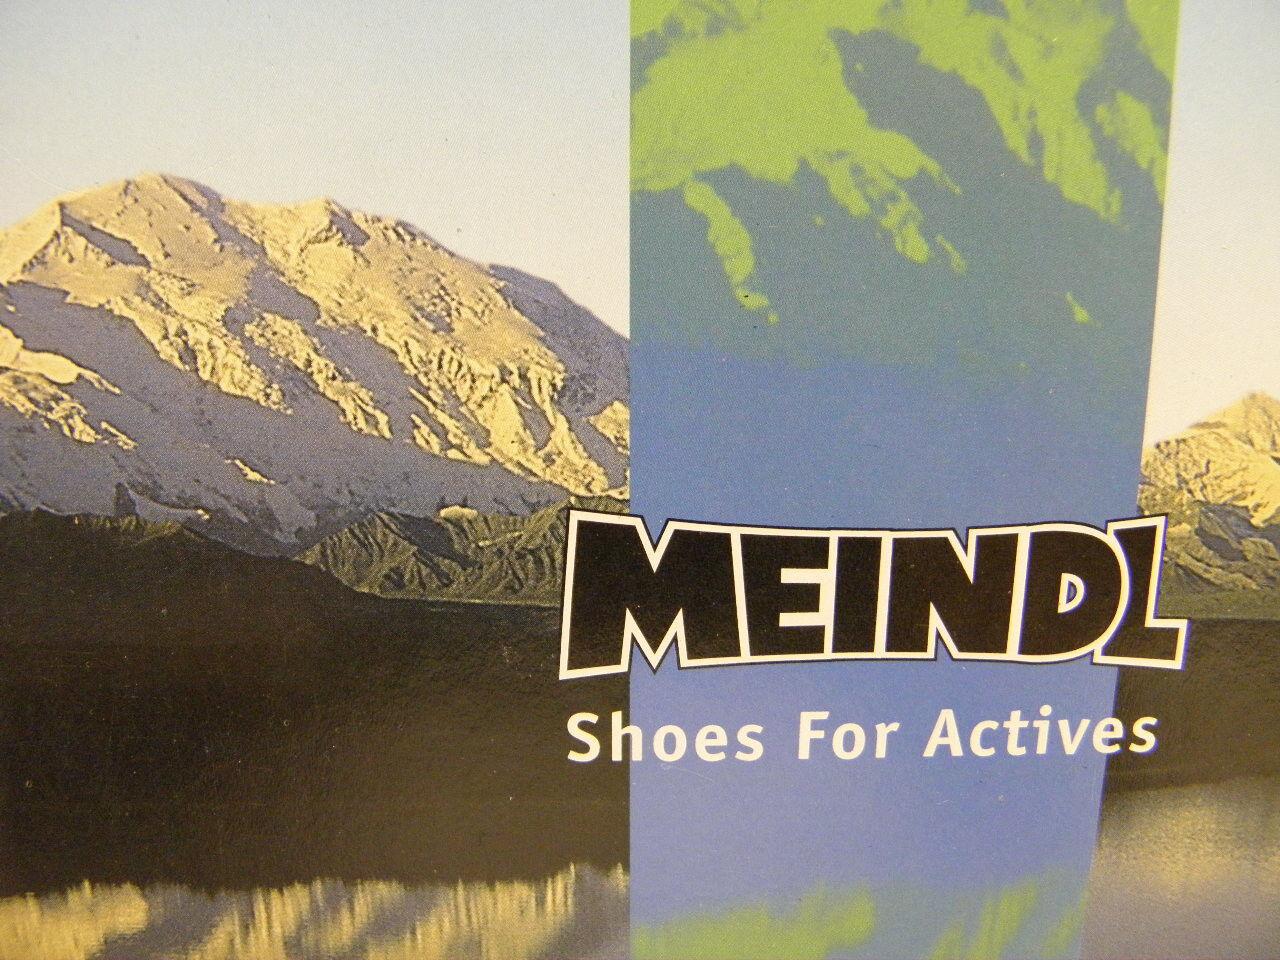 MEINDL ® riduce finora    CUBA BLU GORE-TEX ® Uomo art. 301849 (m87) 5b2155